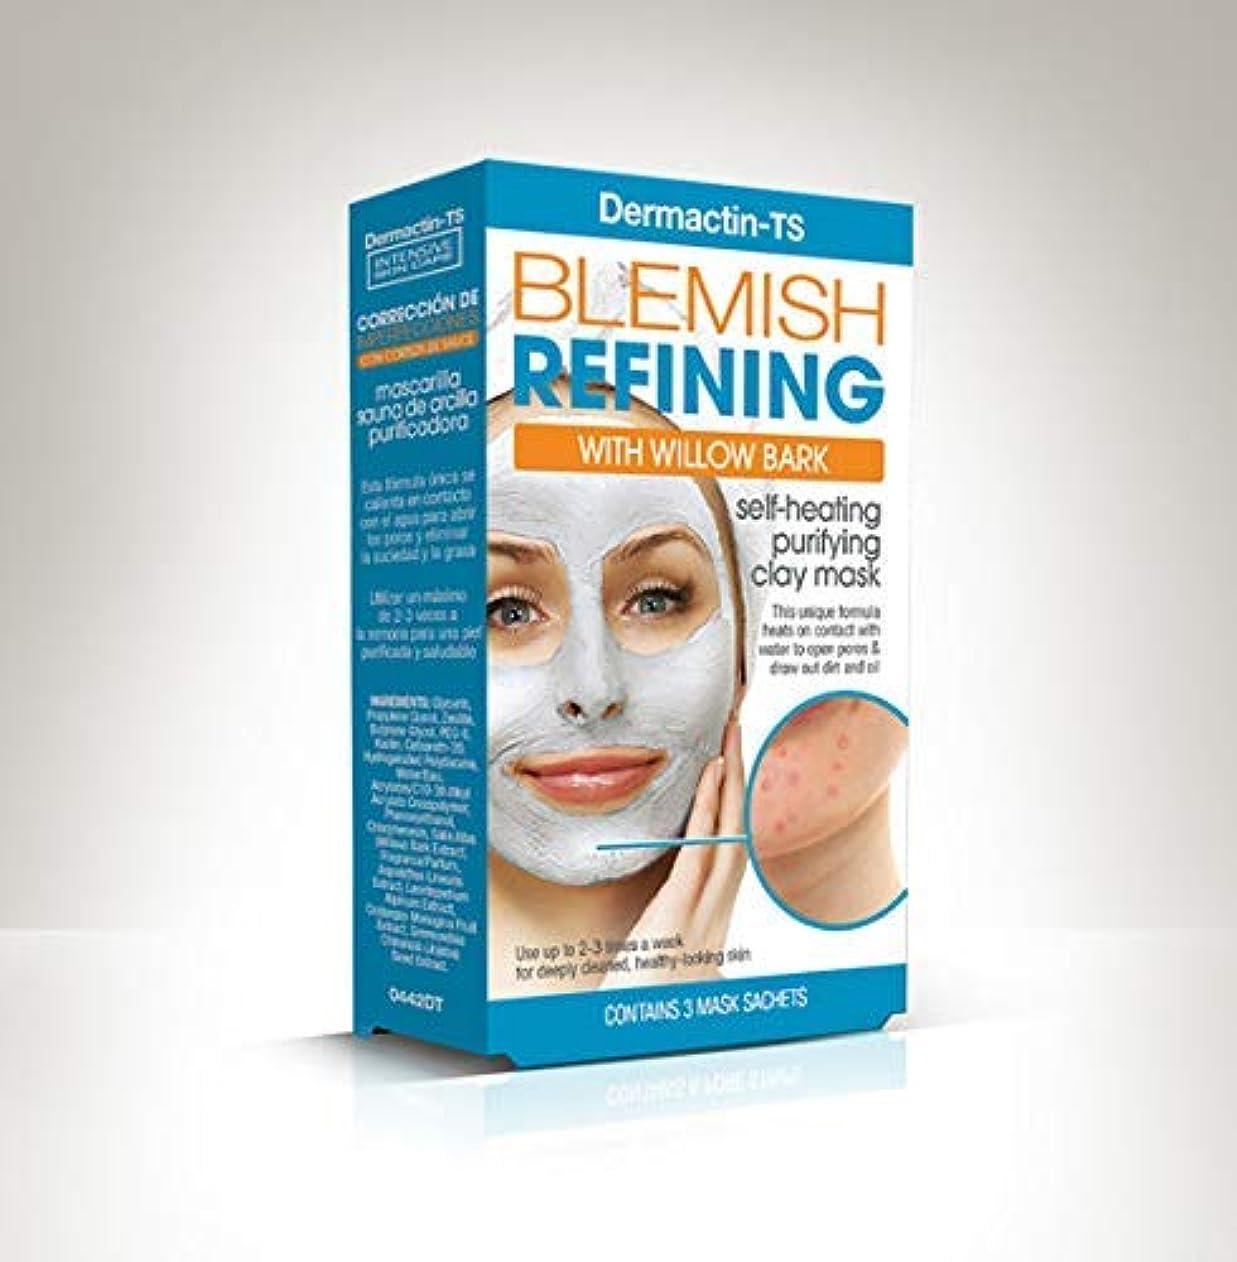 ラリーかもしれない水分Dermactin-TS ブレミッシュコントロール自己発熱マスク (並行輸入品)